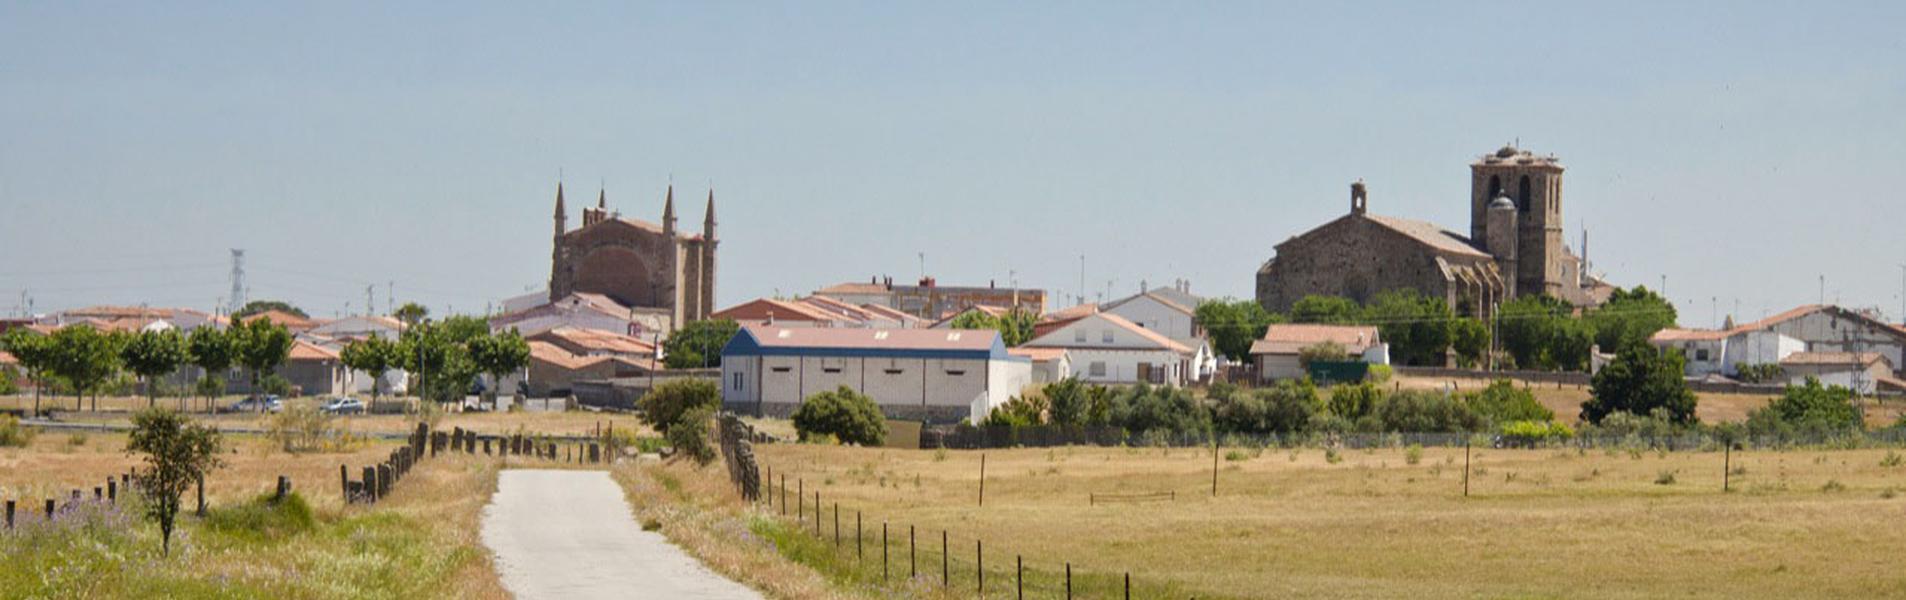 Palacio de las Cabezas